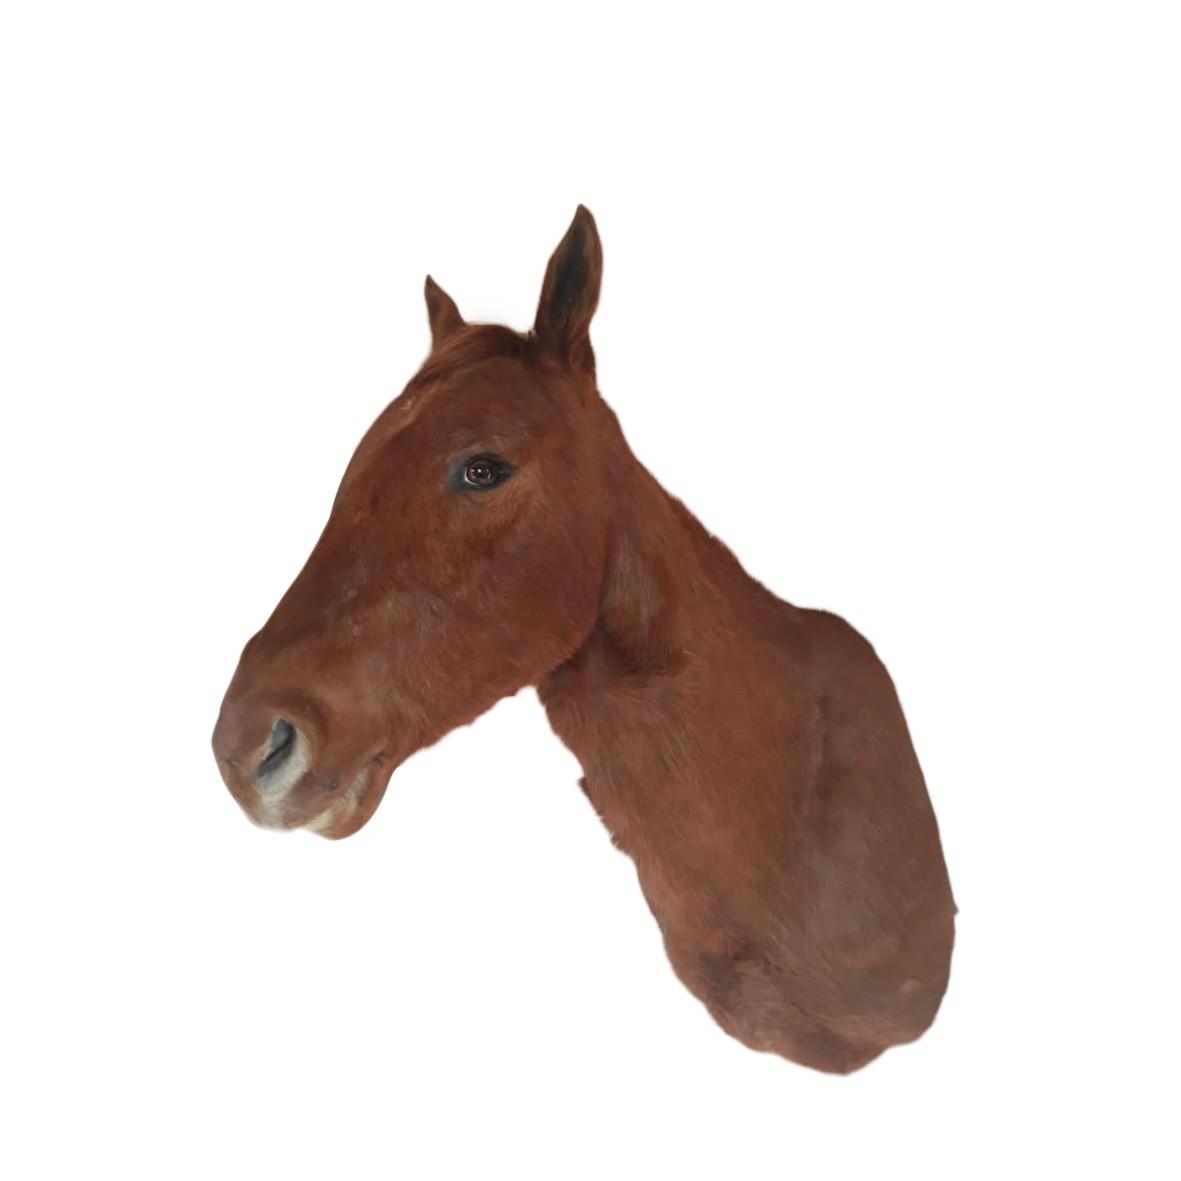 HORSE SHOULDER MOUNT